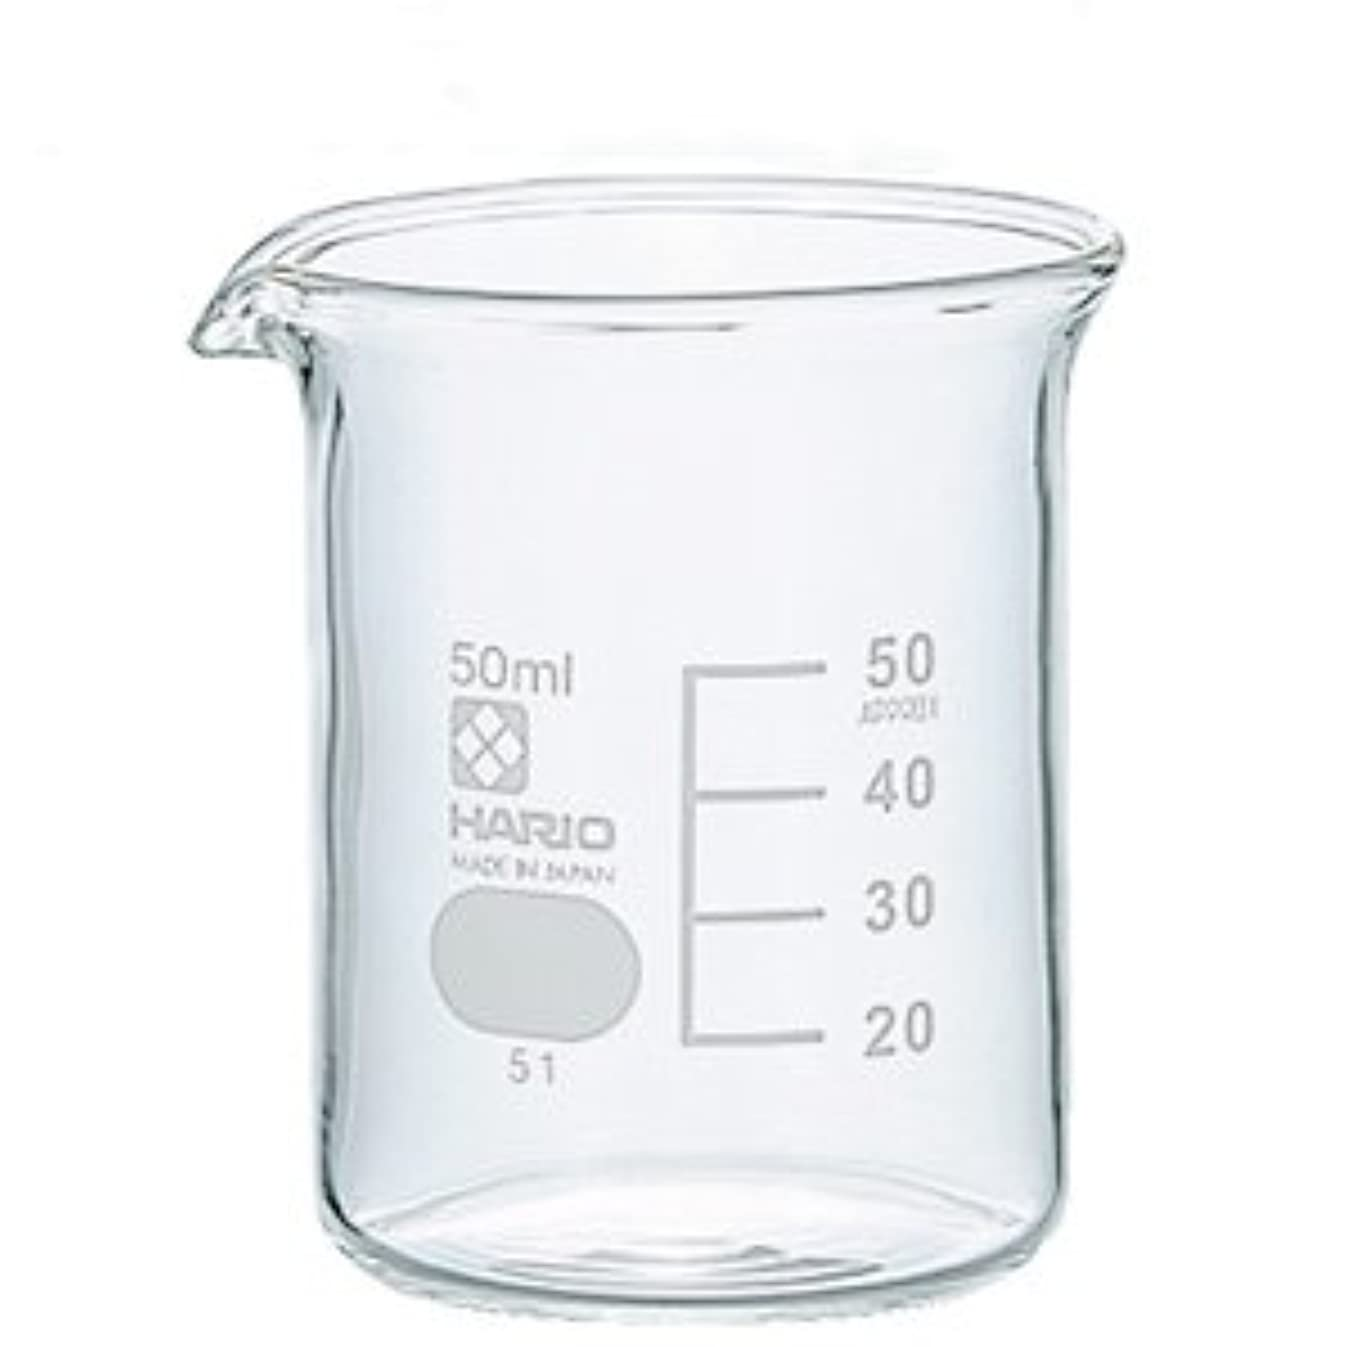 スナッチ地域の電化するガラスビーカー 50ml 【手作り石鹸/手作りコスメ/手作り化粧品】